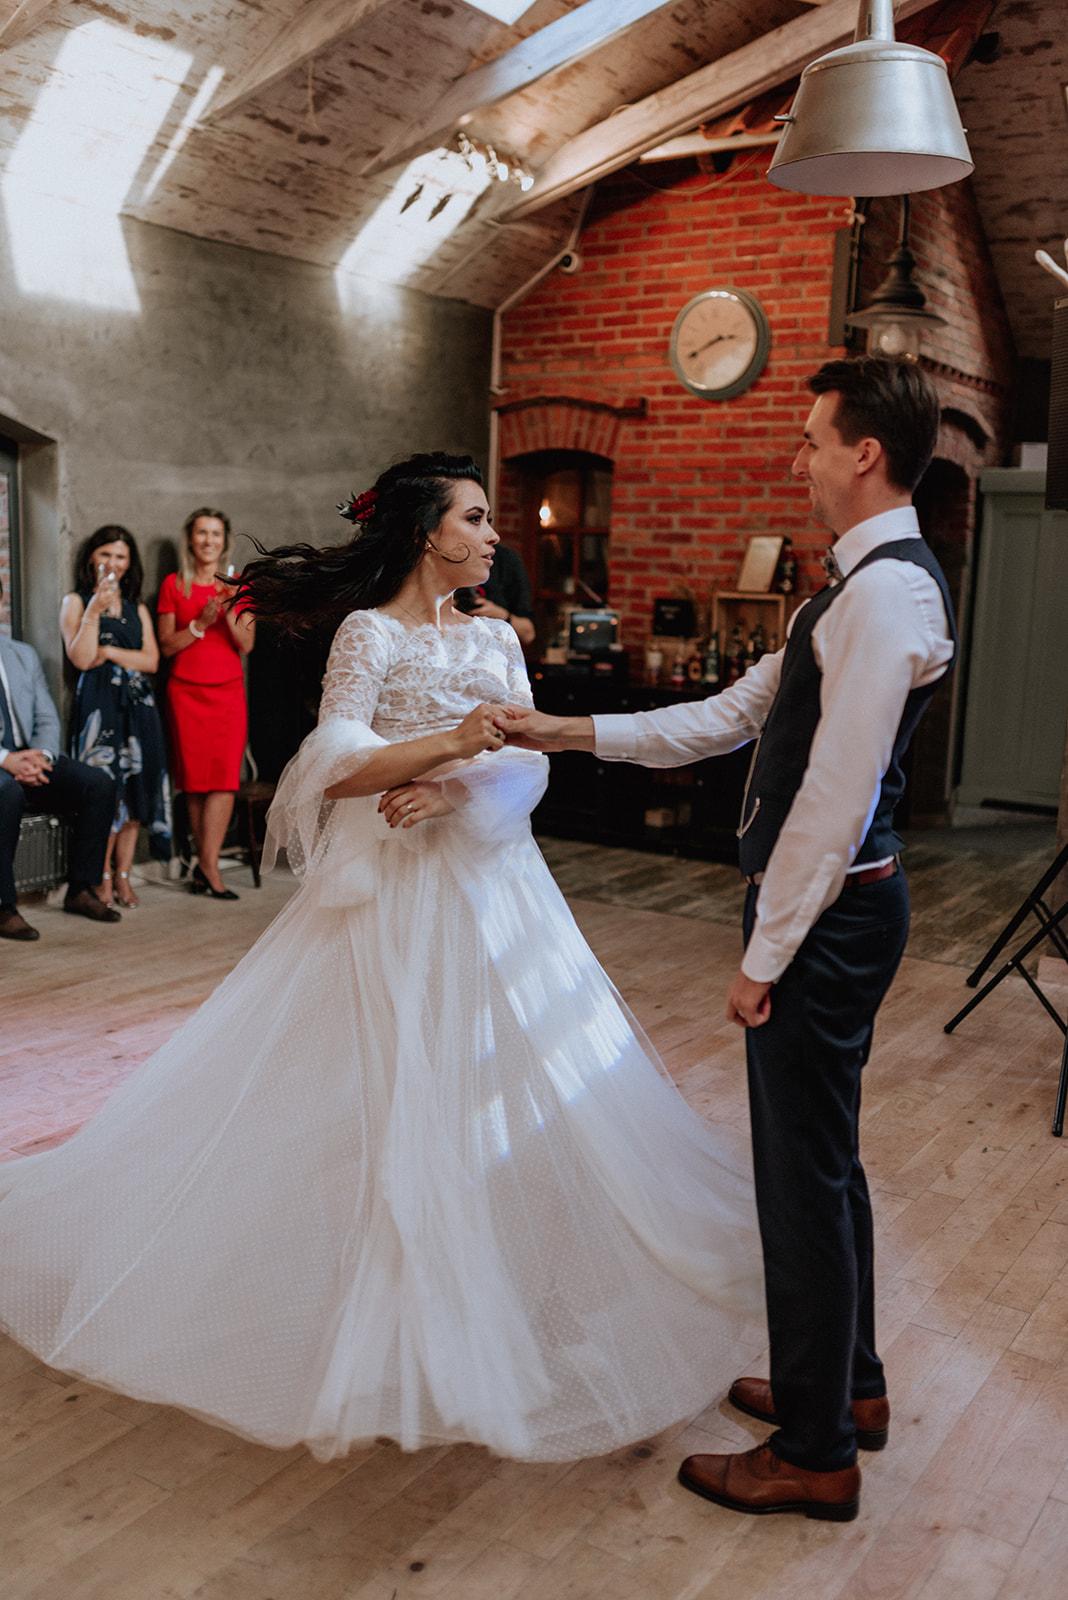 Baśniowy ślub w Tabunie | ceremonia w plenerze A+M 77 alebosco ania mateusz tabun 567g 5